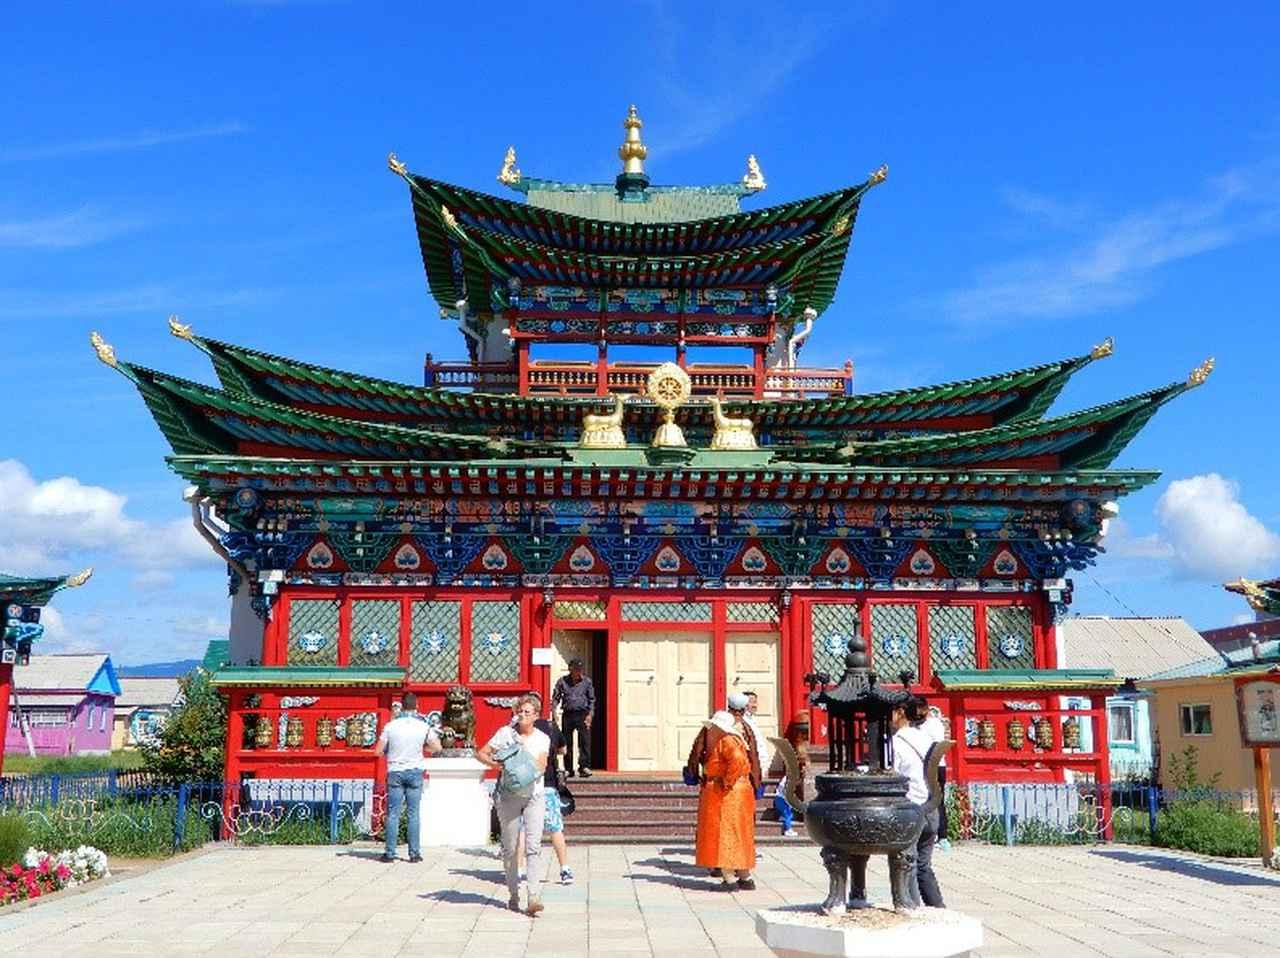 画像: イヴォルギンスキー・ダッツァン ロシアにおけるチベット仏教の総本山(弊社社員撮影)